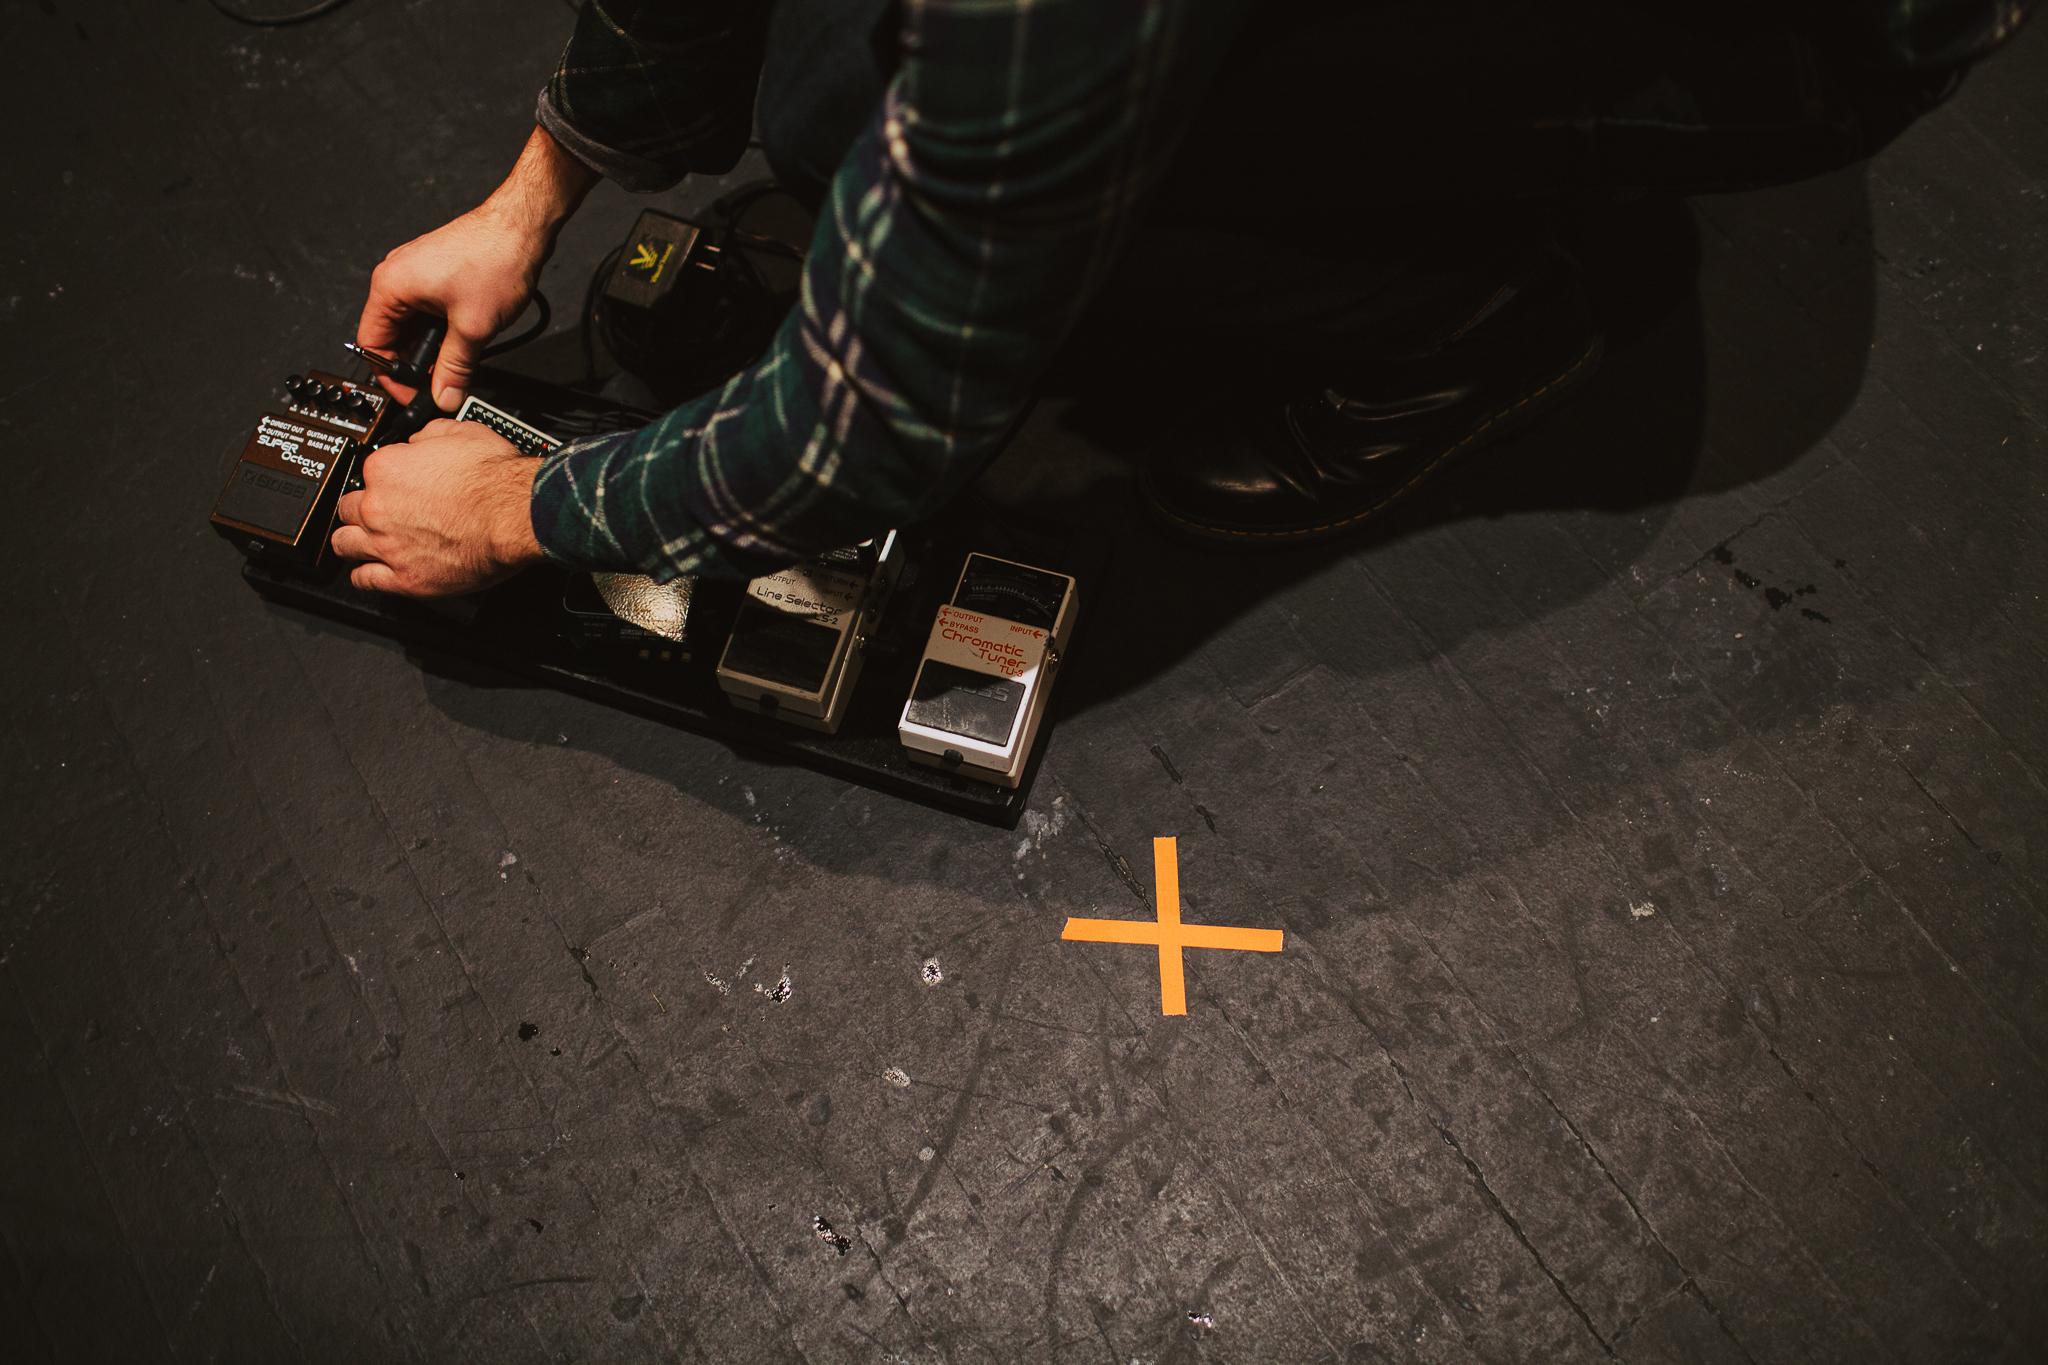 calgary-music-photographer001.jpg